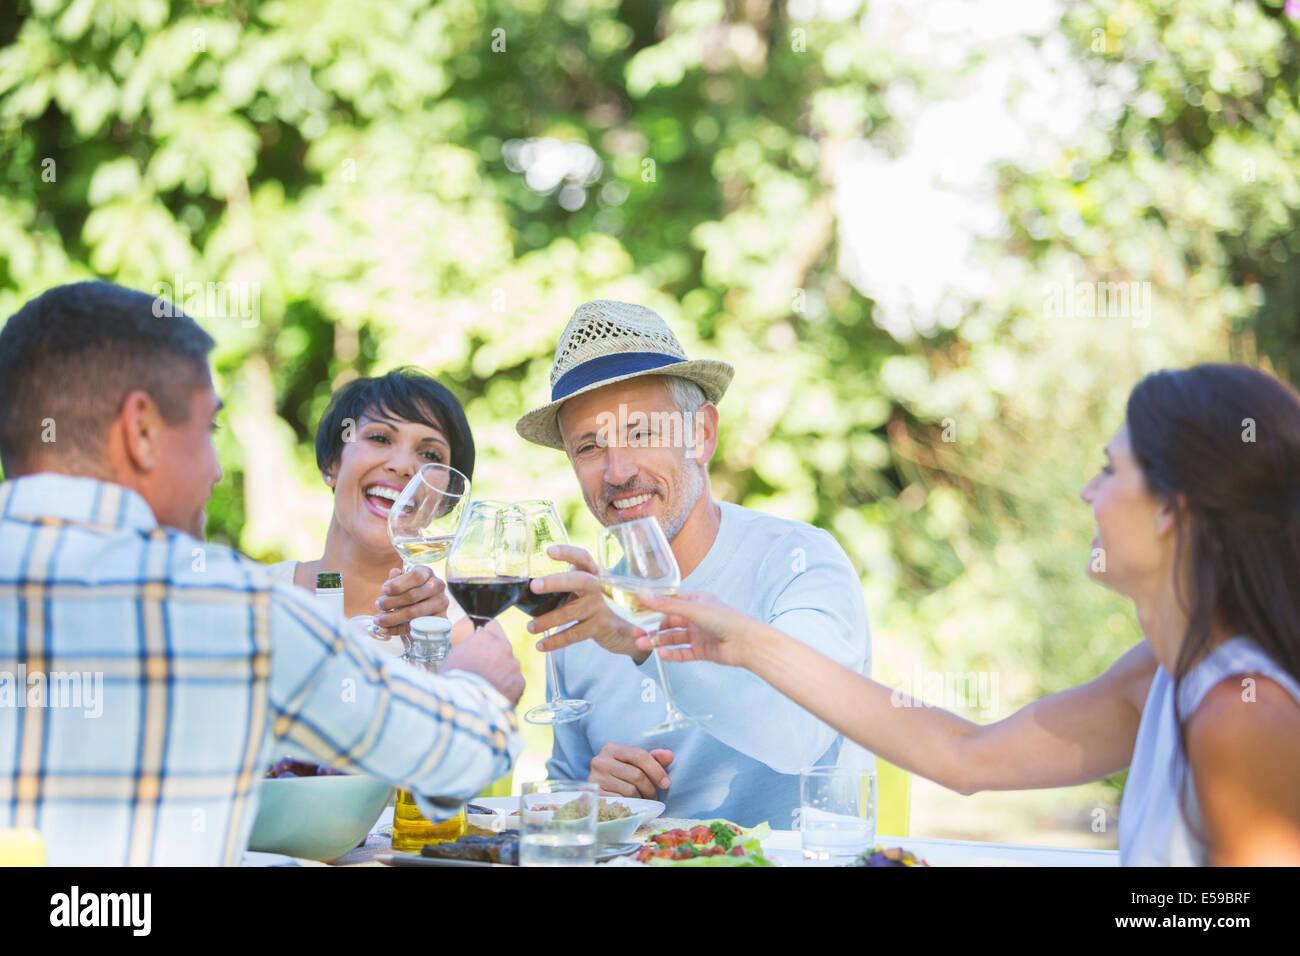 Amigos tostado mutuamente en la mesa al aire libre Imagen De Stock